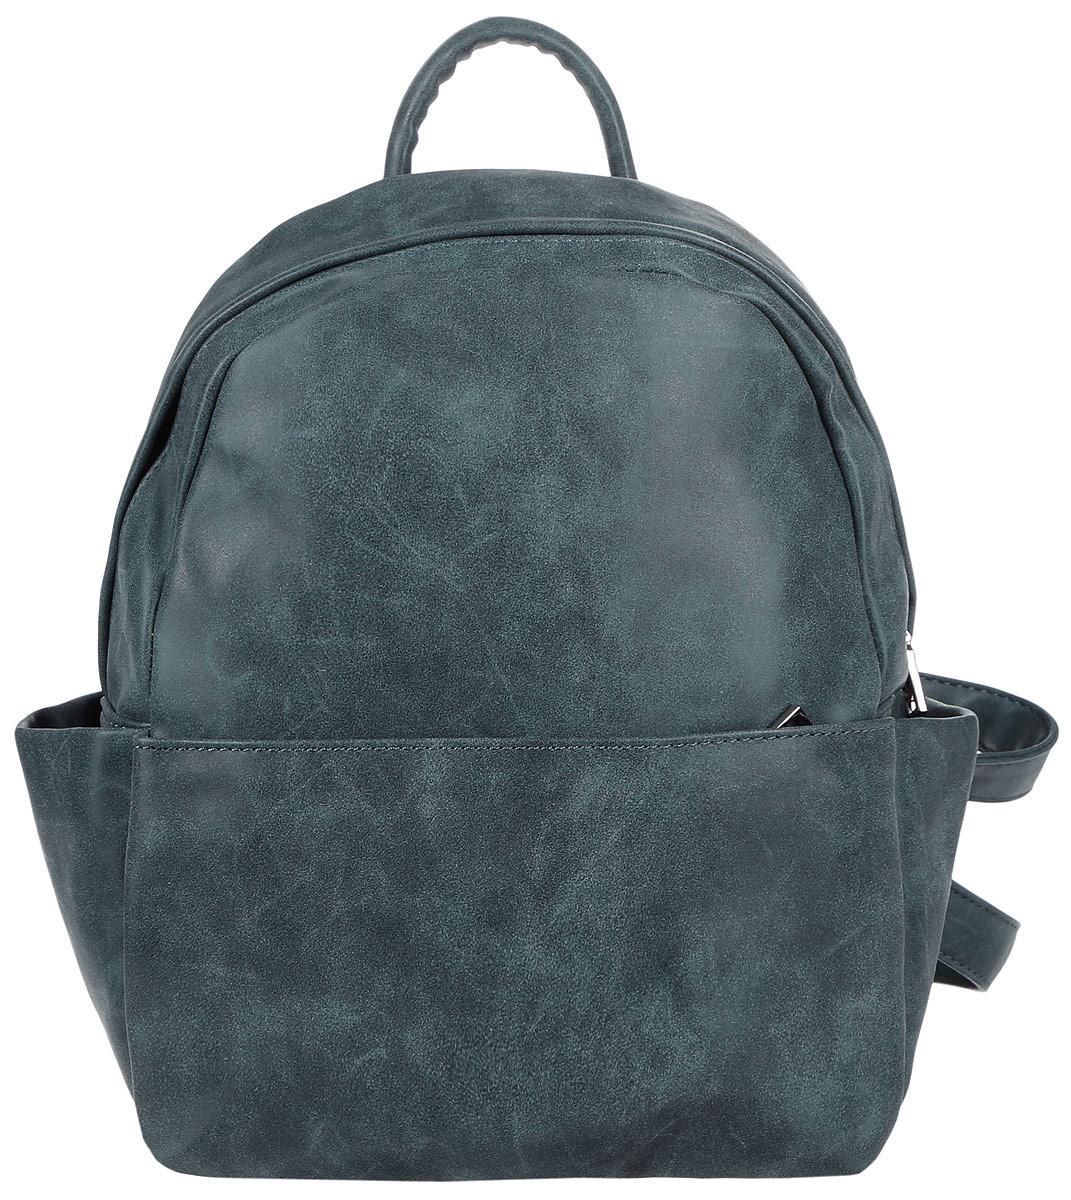 Рюкзак женский Orsa Oro, цвет: темно-бирюзовый. D-181/29D-181/29Стильный женский рюкзак Orsa Oro выполнен из экокожи. Рюкзак имеет одно основное отделение, которое закрывается на застежку-молнию. Внутри находятся прорезной карман на застежке-молнии и три накладных открытых кармана. Снаружи, на передней стенке находится нашивной карман на застежке-молнии, по бокам - накладные открытые карманы, на задней стенке - прорезной карман на застежке-молнии. Рюкзак оснащен лямками регулируемой длины и ручкой для переноски в руке.